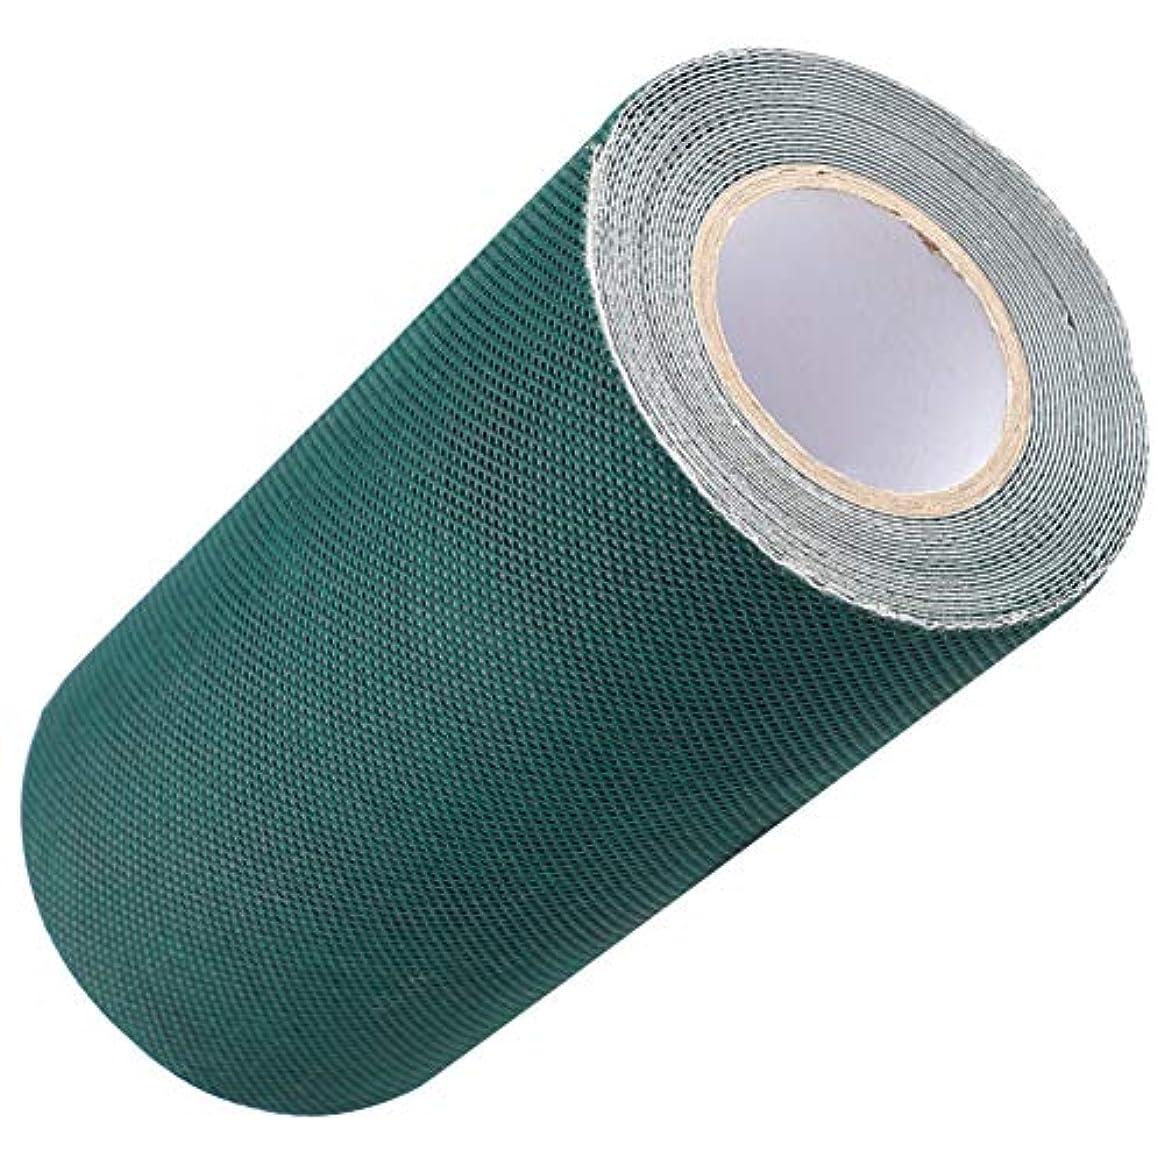 くびれたバレーボール不承認DOMO 人工芝接着布 人工芝粘着テープ 芝スプライスベルト 15cm*5M グリーン